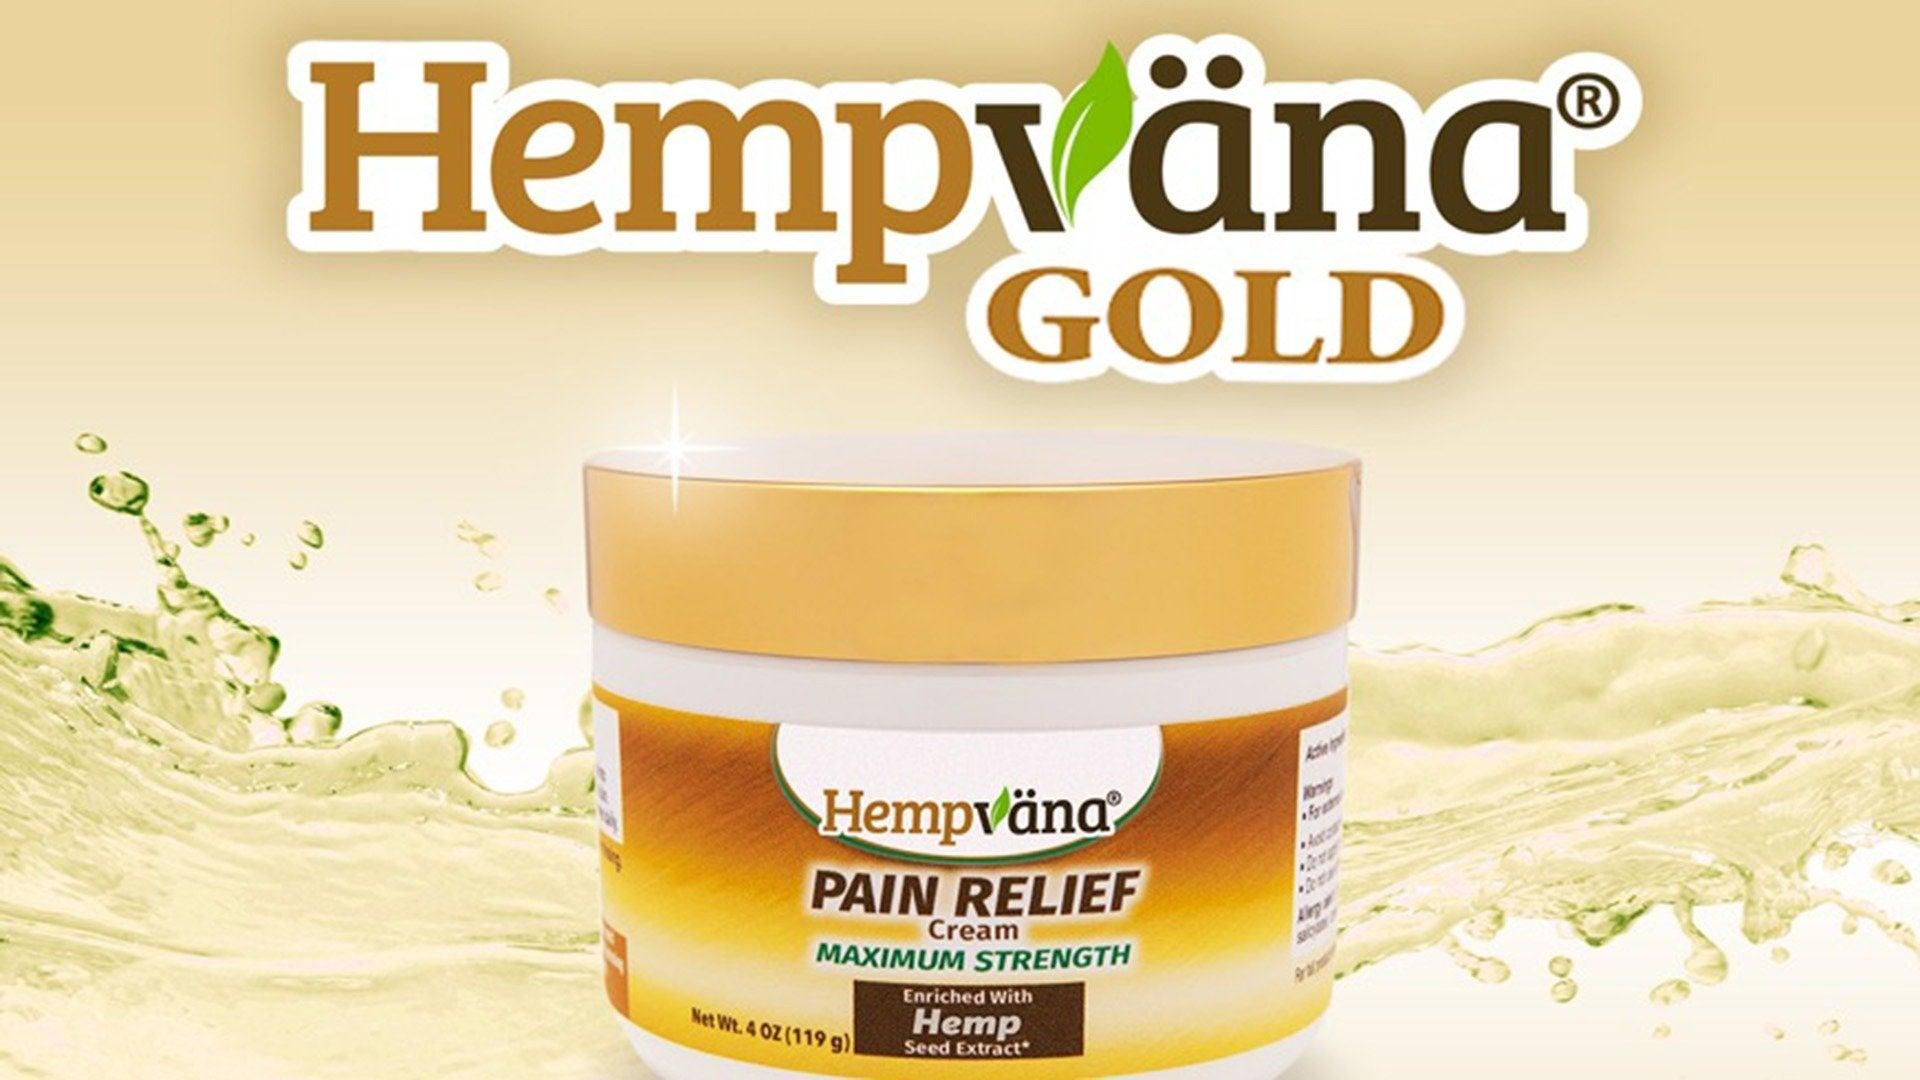 Hempvana Gold Pain Relief Cream